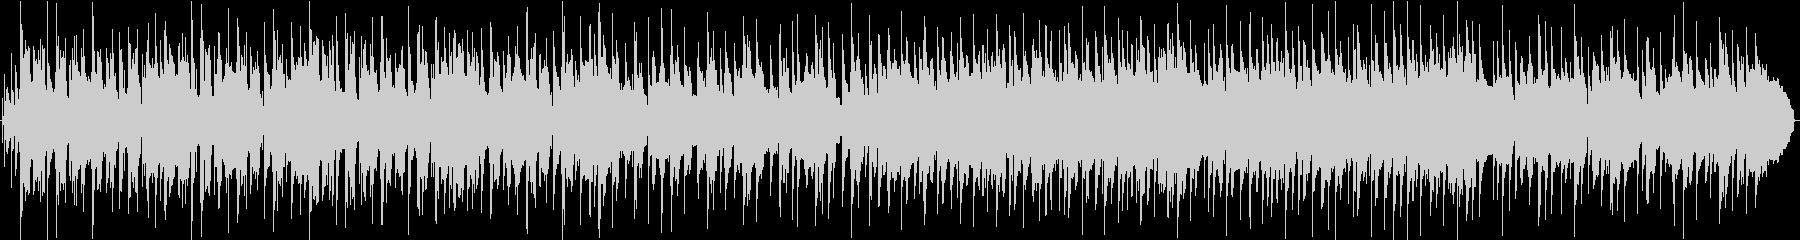 せつなめバンドサウンドinsBGMの未再生の波形